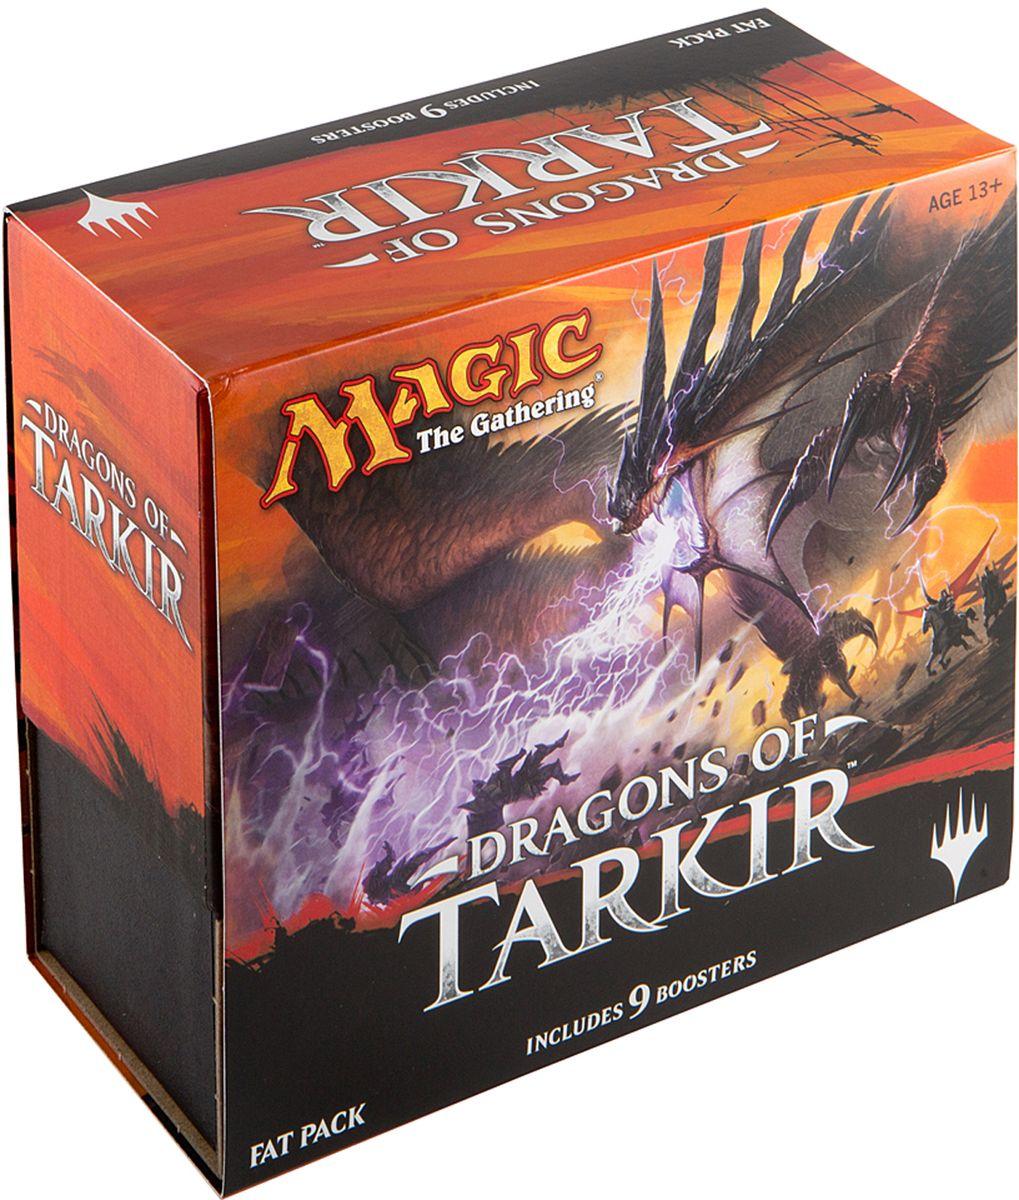 Magic: The Gathering Настольная игра Подарочный набор Драконы ТаркираB19370000Набор включает в себя 9 пакетиков-бустеров с случайными картами (15 карт в каждом пакетике), иллюстрированную энциклопедию, посвященную данному изданию, уникальный кубик-счётчик жизней, 80 базовых земель, коробку для хранения 500 карт и две коробочки для колод без протекторов. Набор отлично подойдет как новичку, так и профессионалу по Magic the Gathering и станет отличным подарком к любому событию.